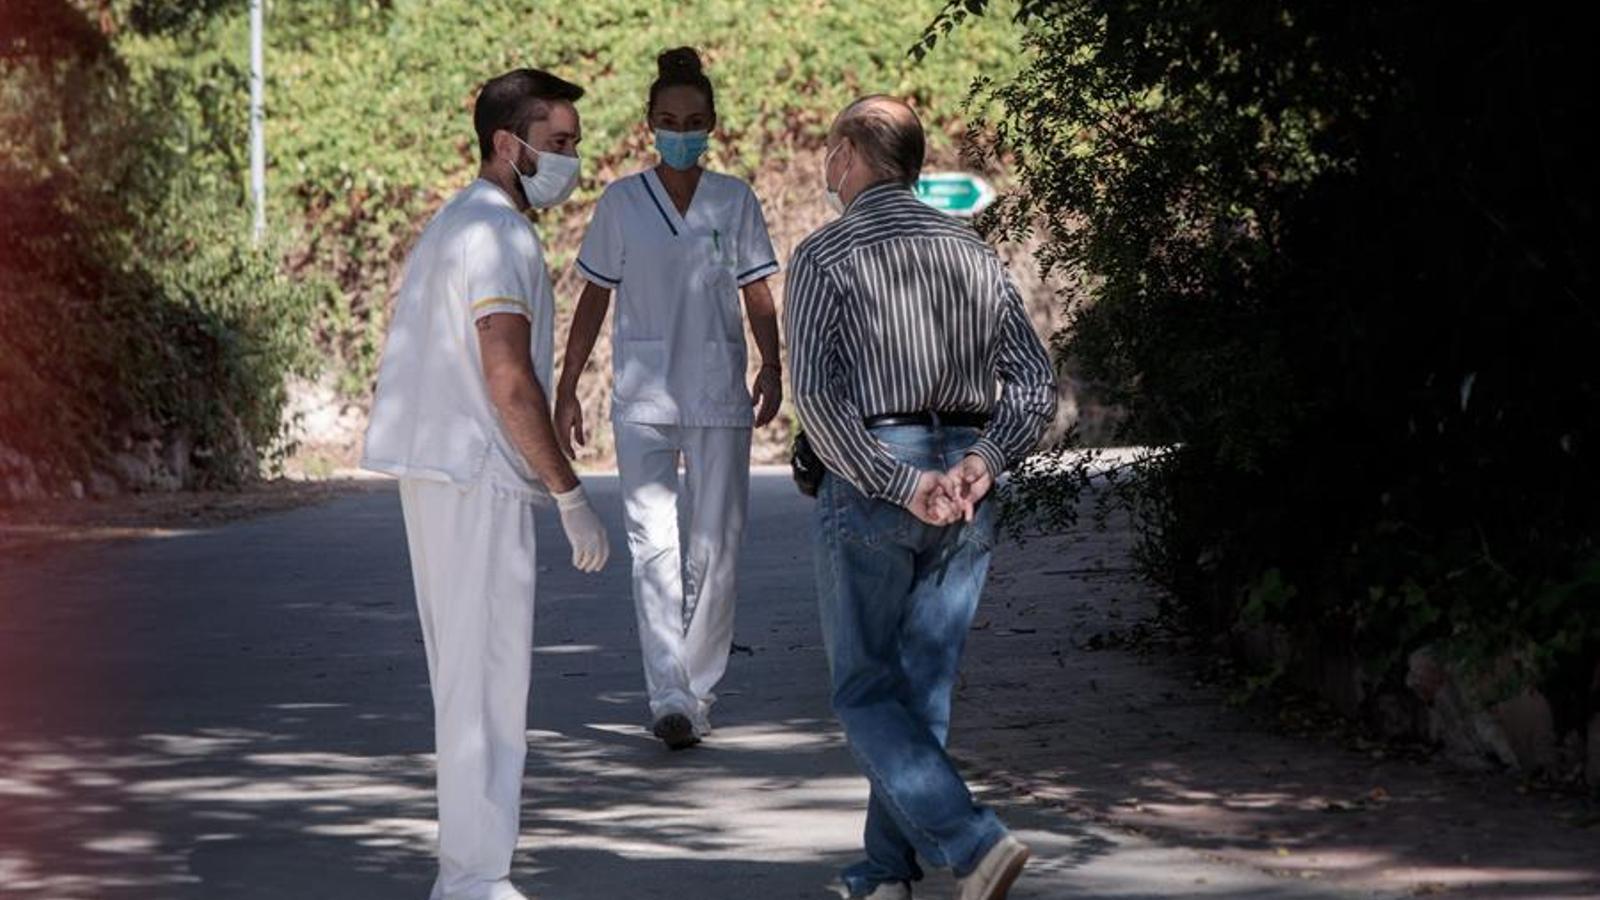 Diversos treballadors conversen amb un intern de la residència Domus VI de Lliria (València), on han aparegut unes imatges, pel que sembla gravades per una empleada del centre, en les quals s'observen suposats casos de maltractament. EFE/ Biel Aliño